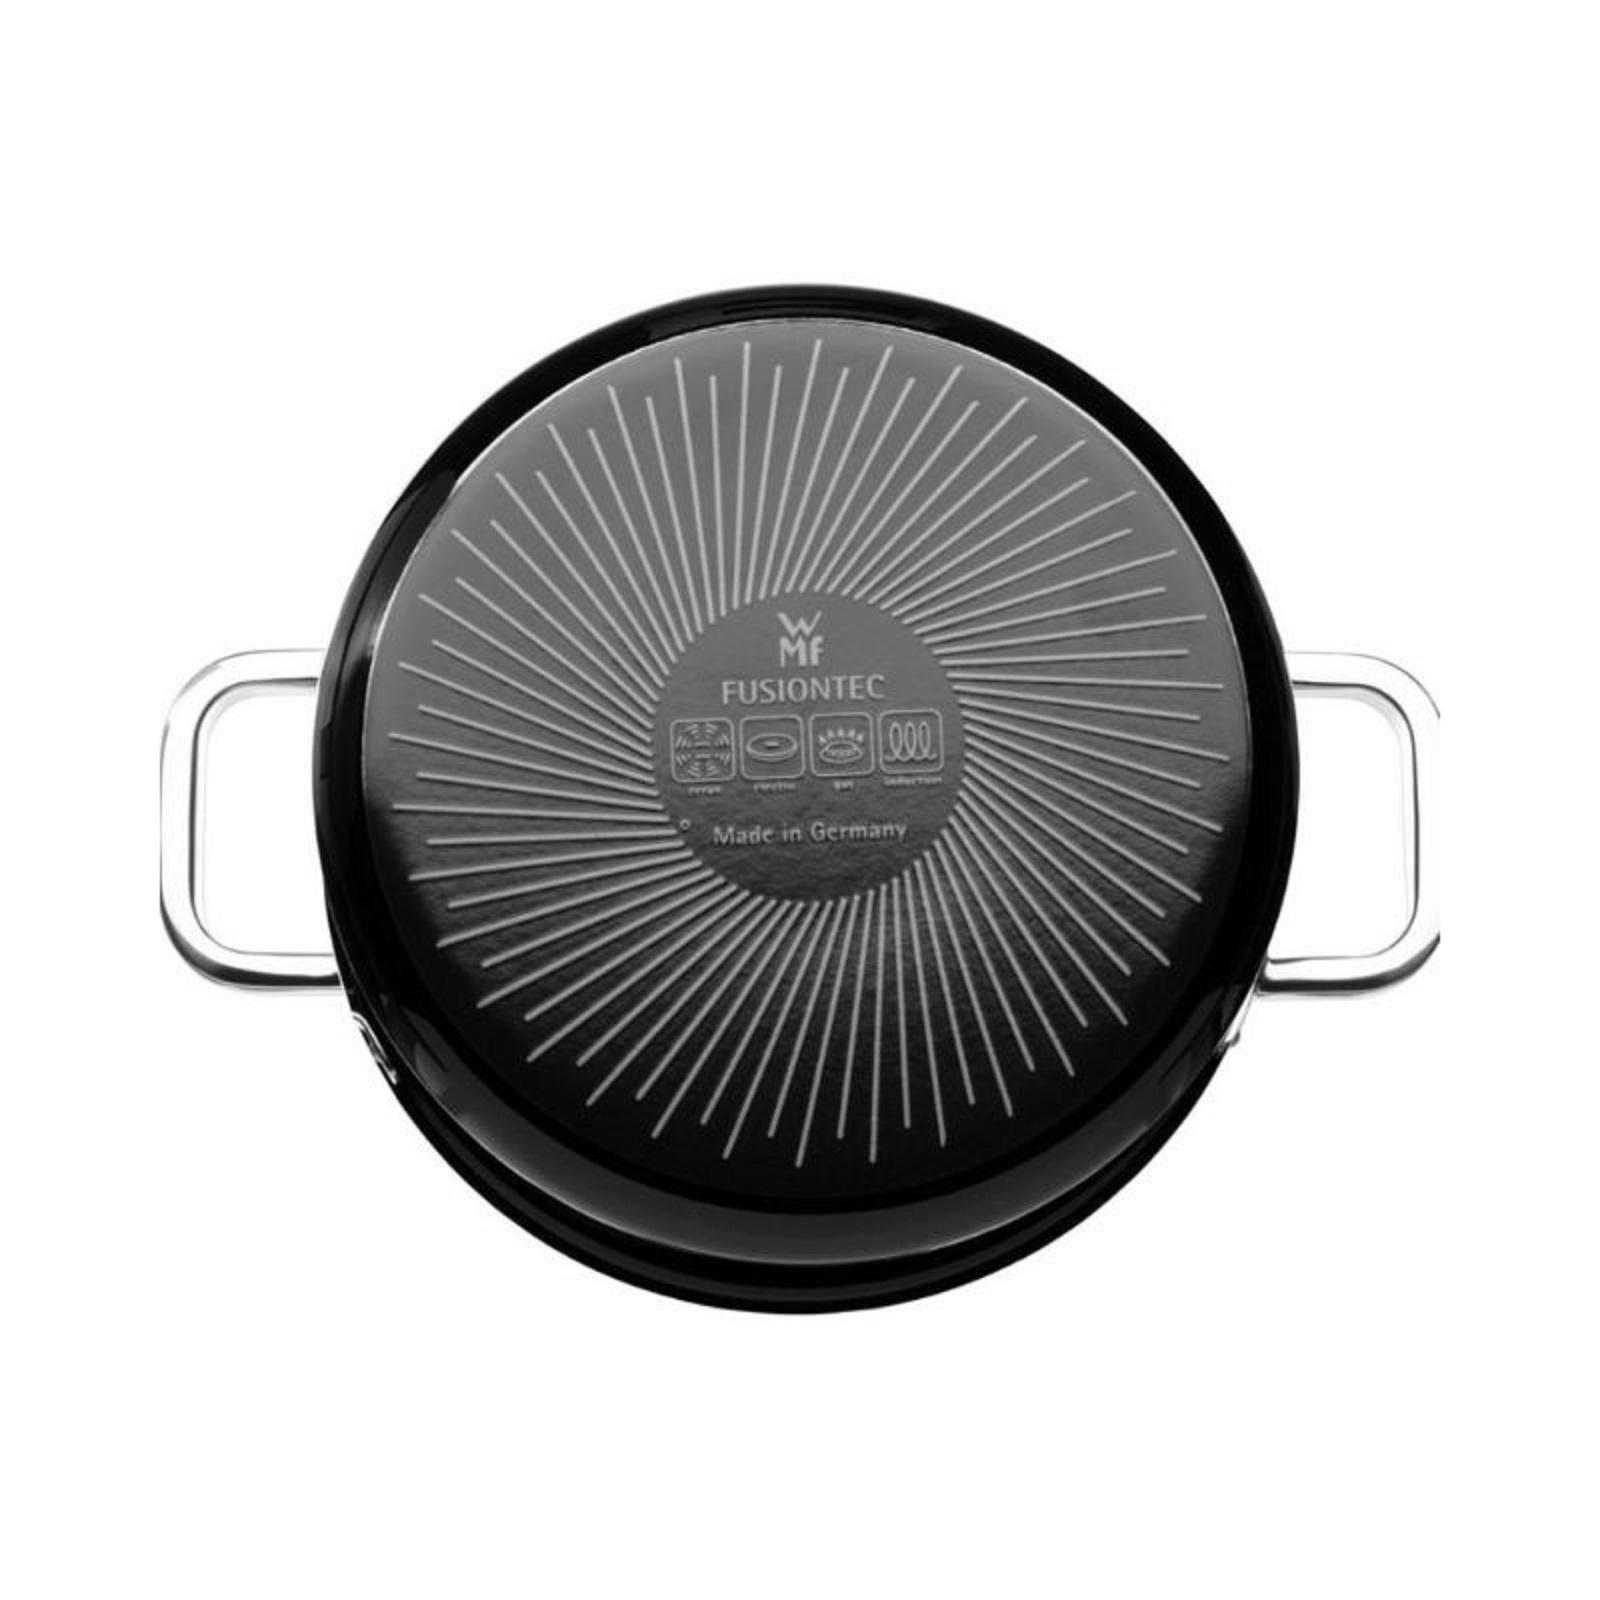 Набор кухонной посуды WMF FUSIONTEC MINERAL, черный, 4 предмета WMF 05 1740 5290 фото 3